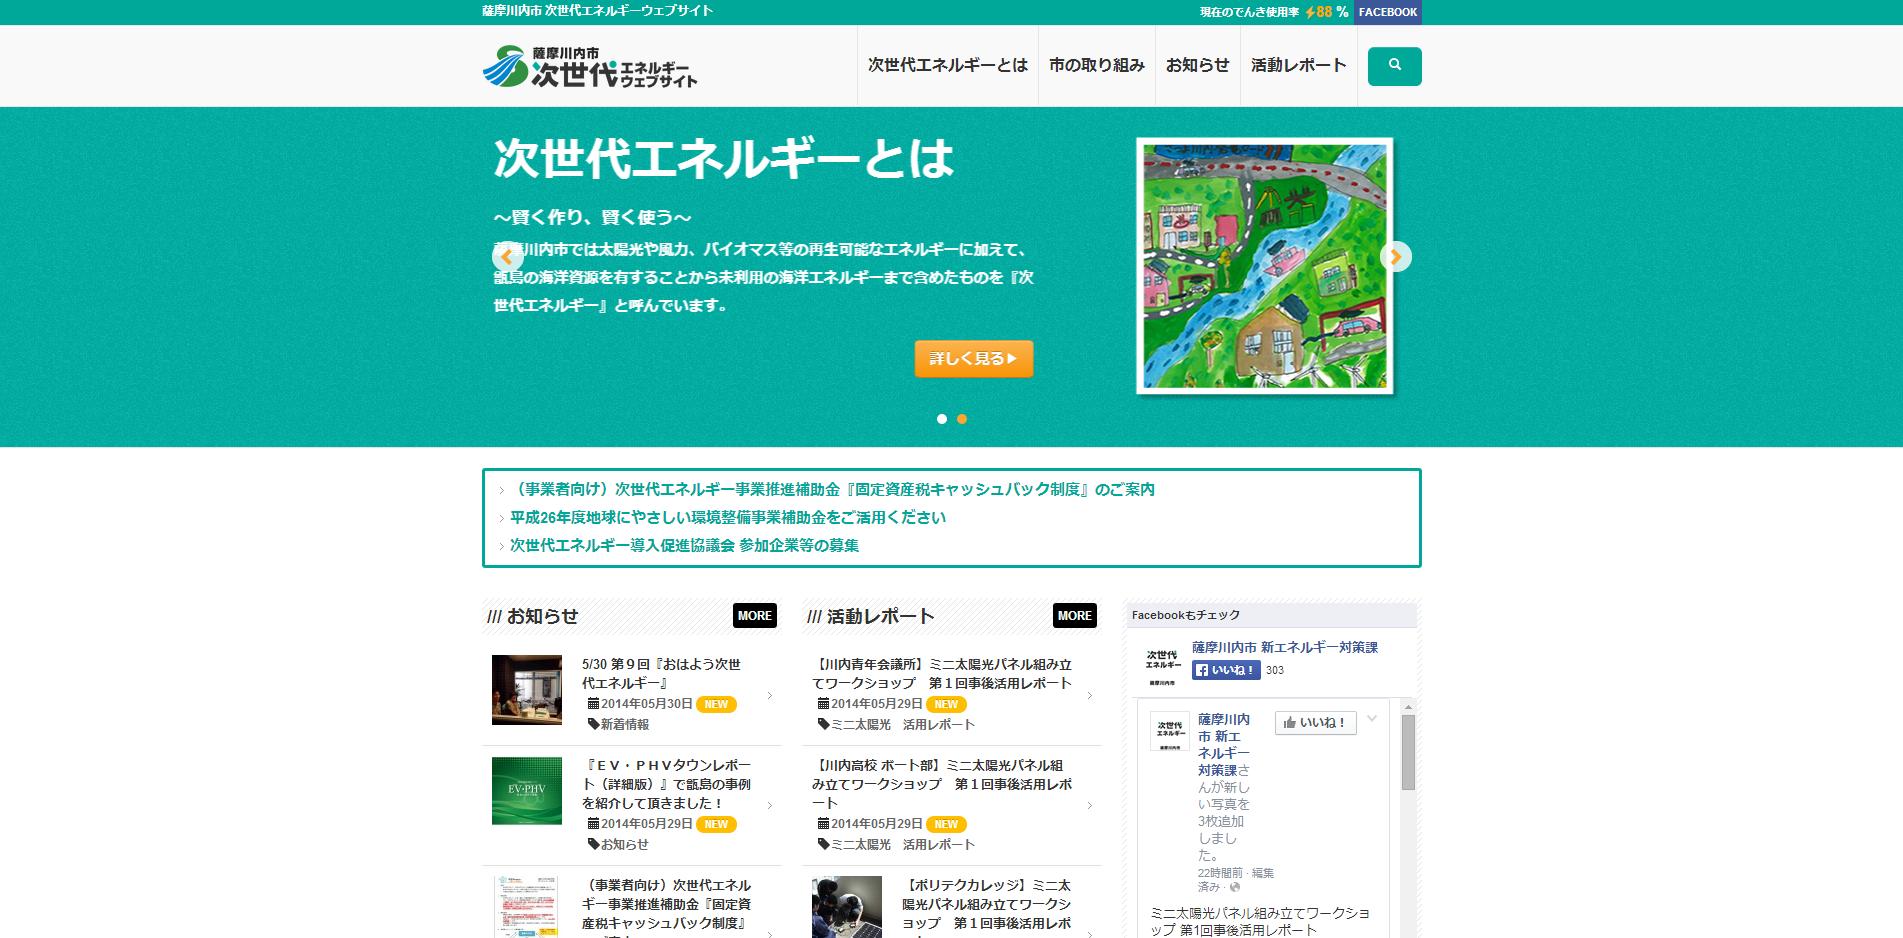 薩摩川内市   次世代エネルギー ウェブサイト